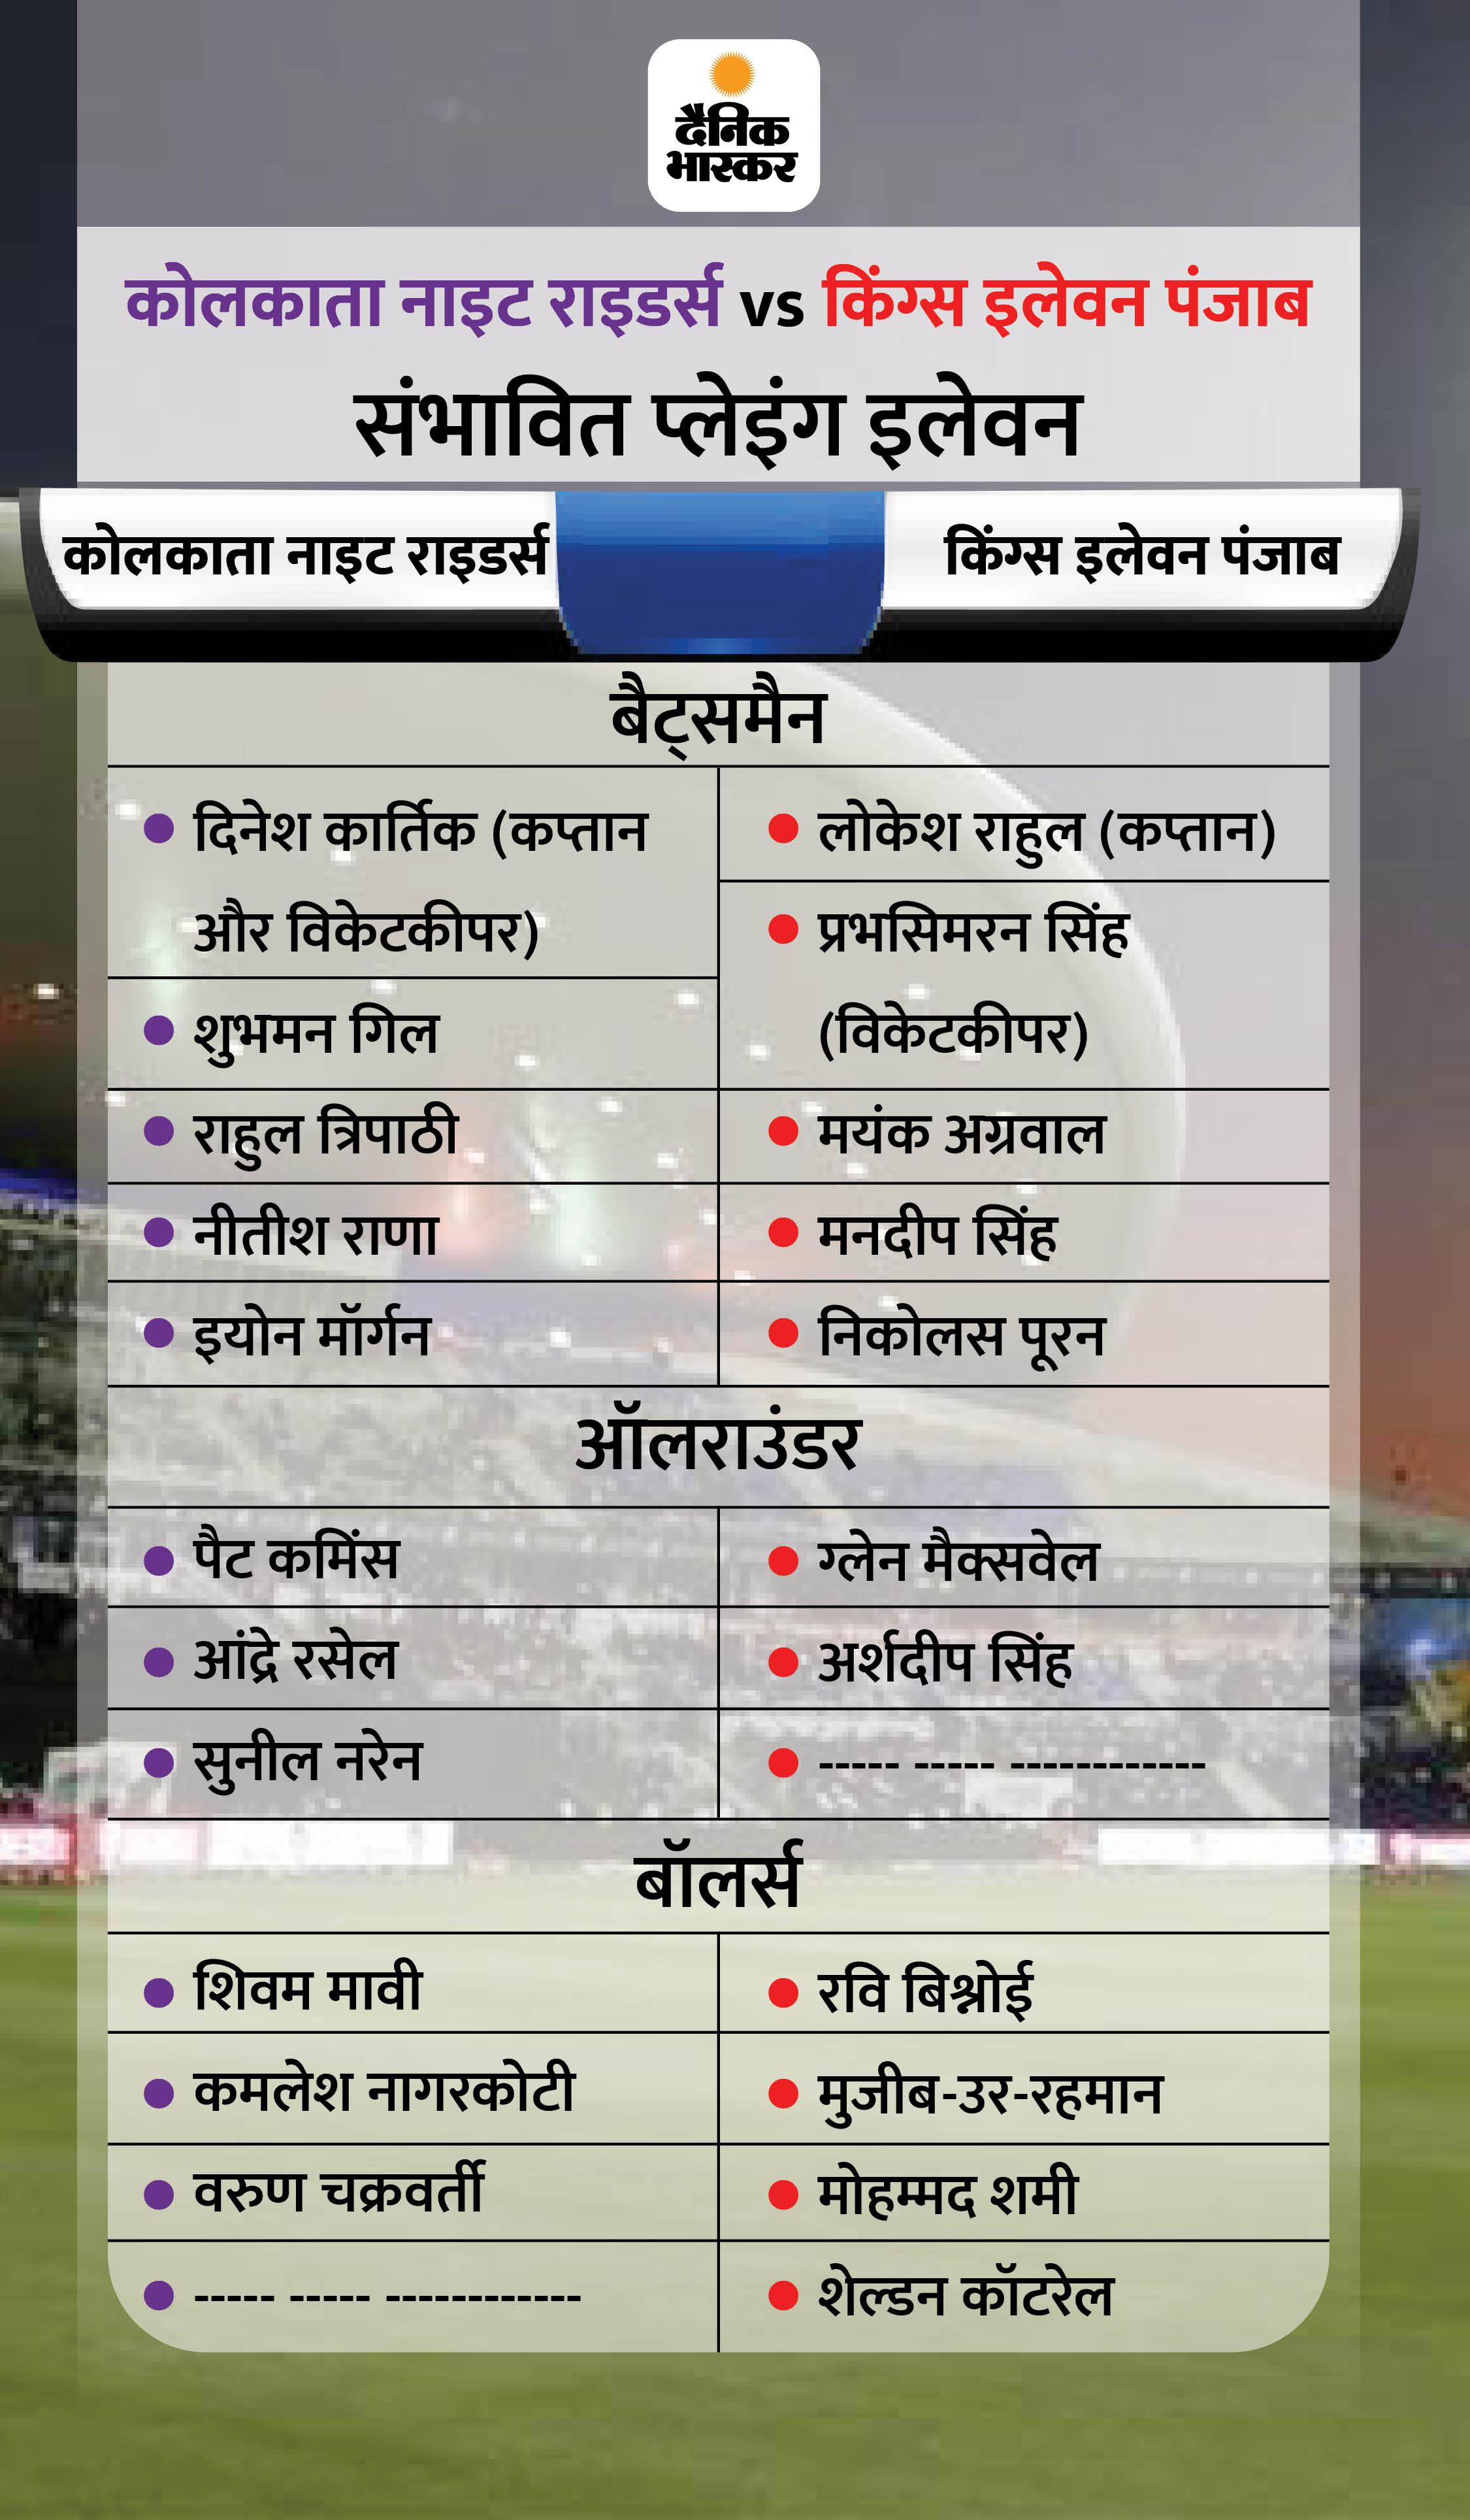 टूर्नामेंट में बने रहने के लिए किंग्स इलेवन पंजाब के लिए जीत जरूरी, गेल को मिल सकता है मौका; कोलकाता में कुलदीप की वापसी संभव